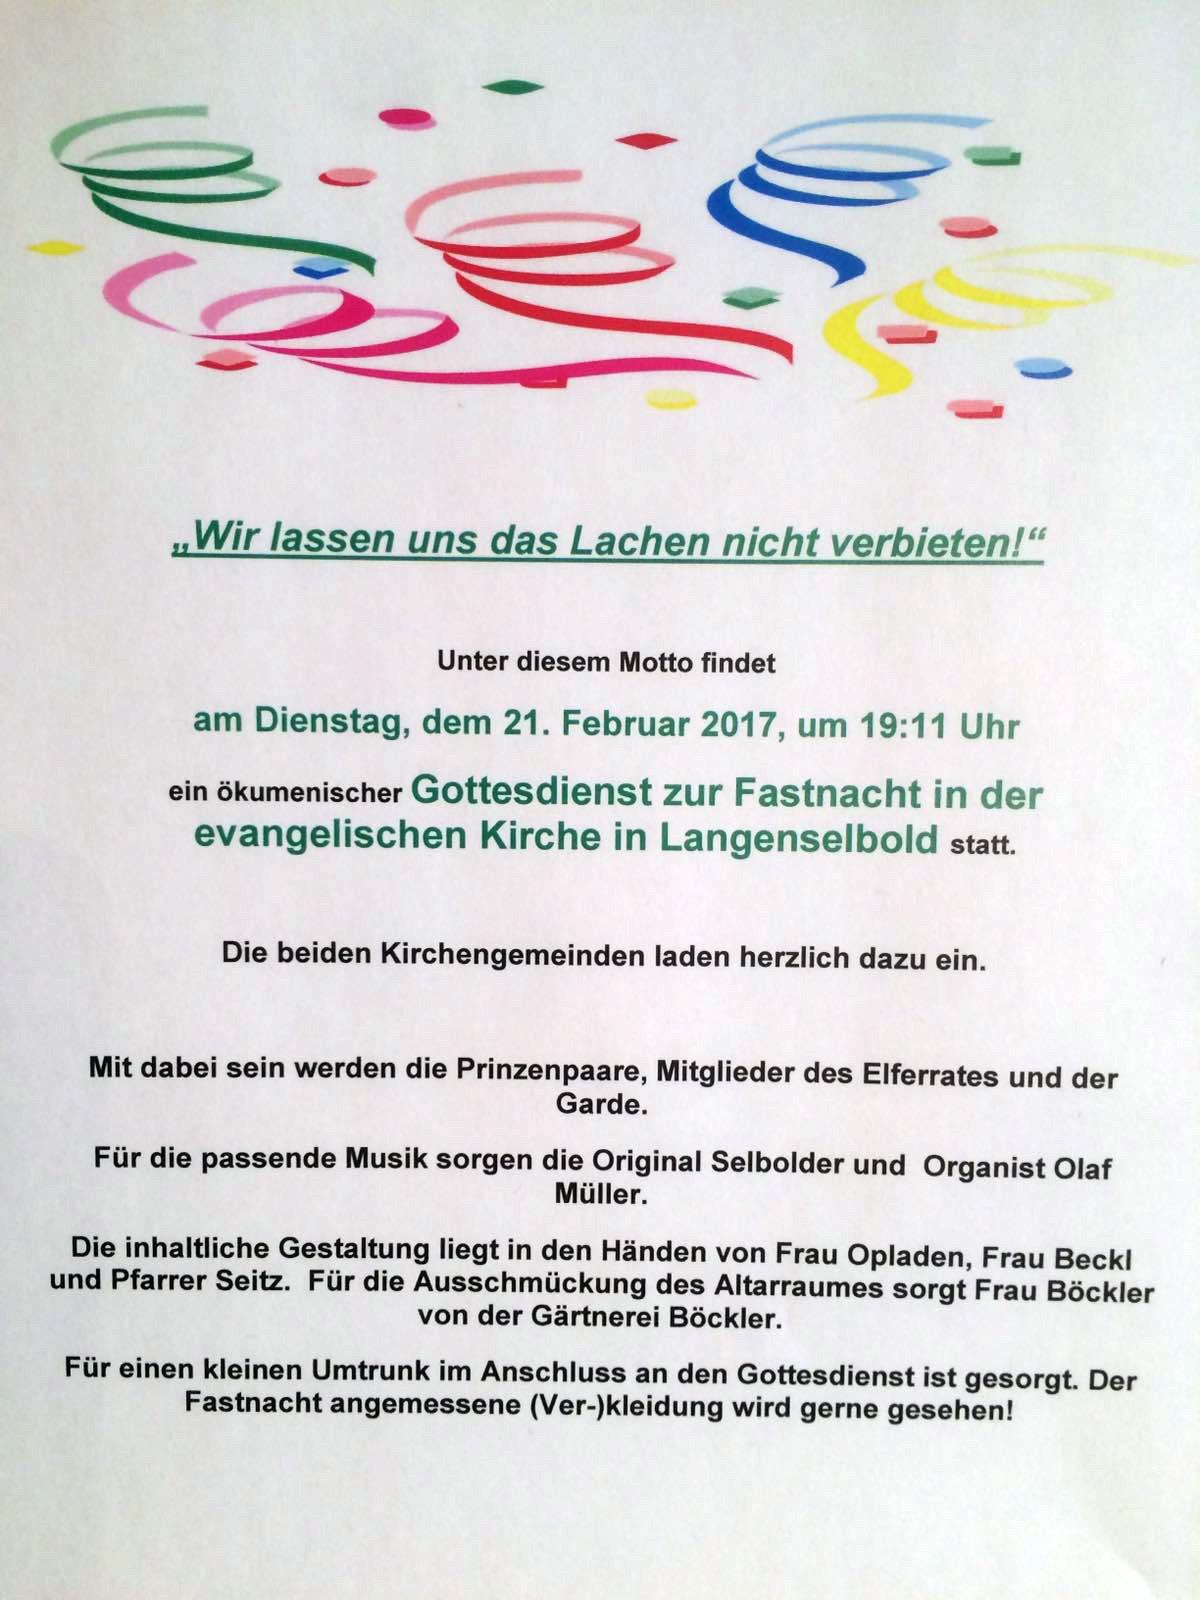 katholische pfarrgemeinde maria königin, langenselbold - aktuelles, Einladung